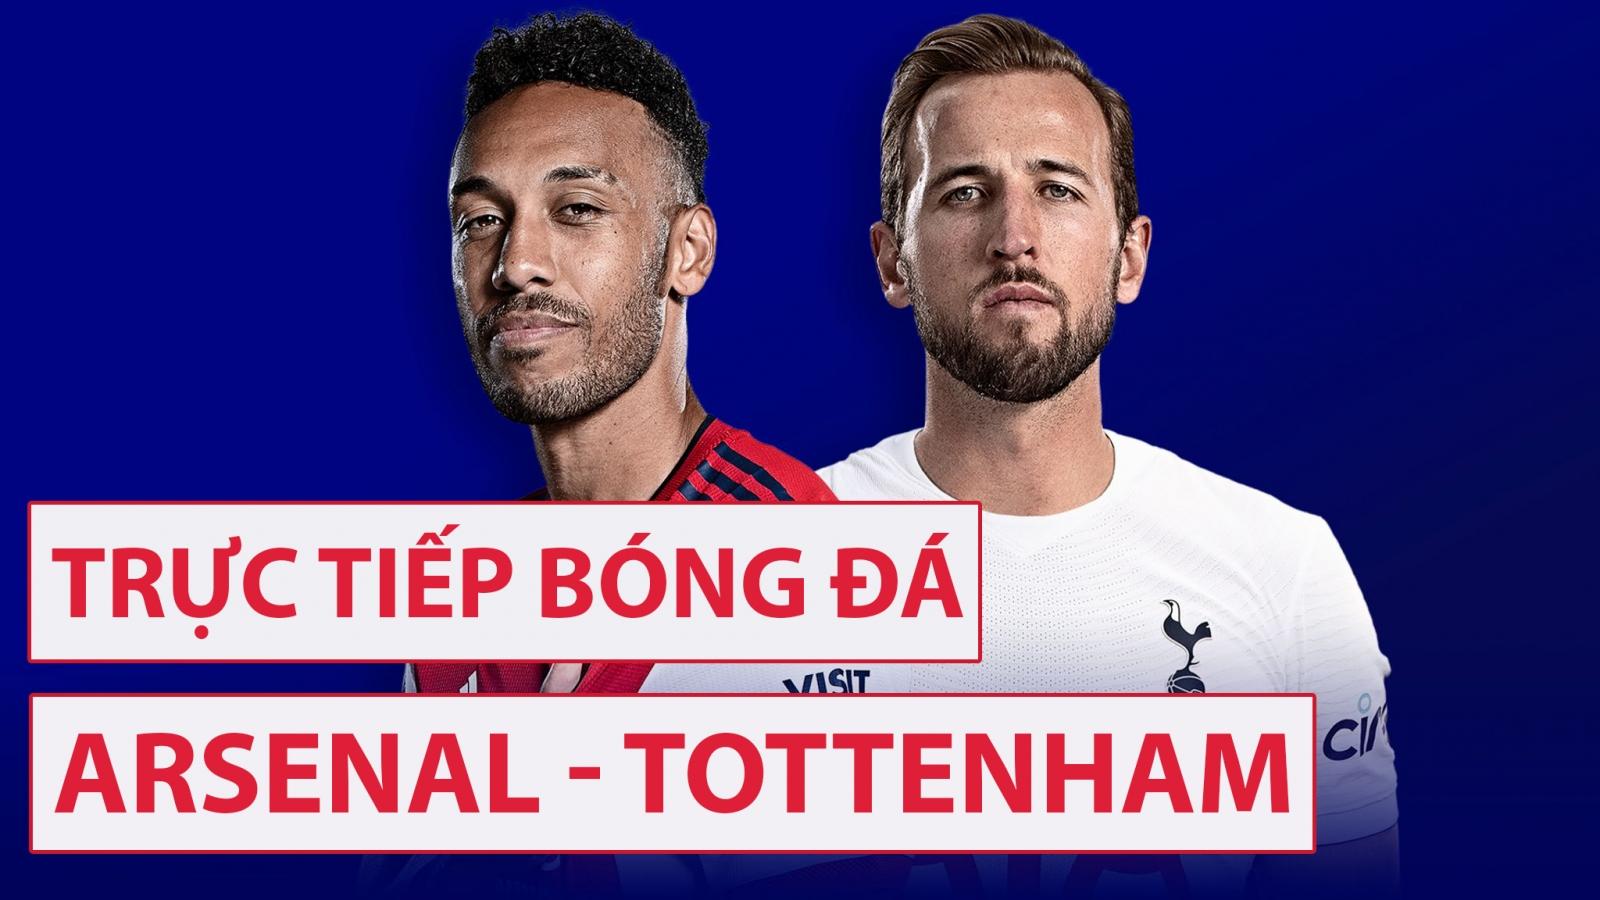 TRỰC TIẾP Arsenal vsTottenham: Pháo thủ coi chừng khóc hận như MU và Chelsea